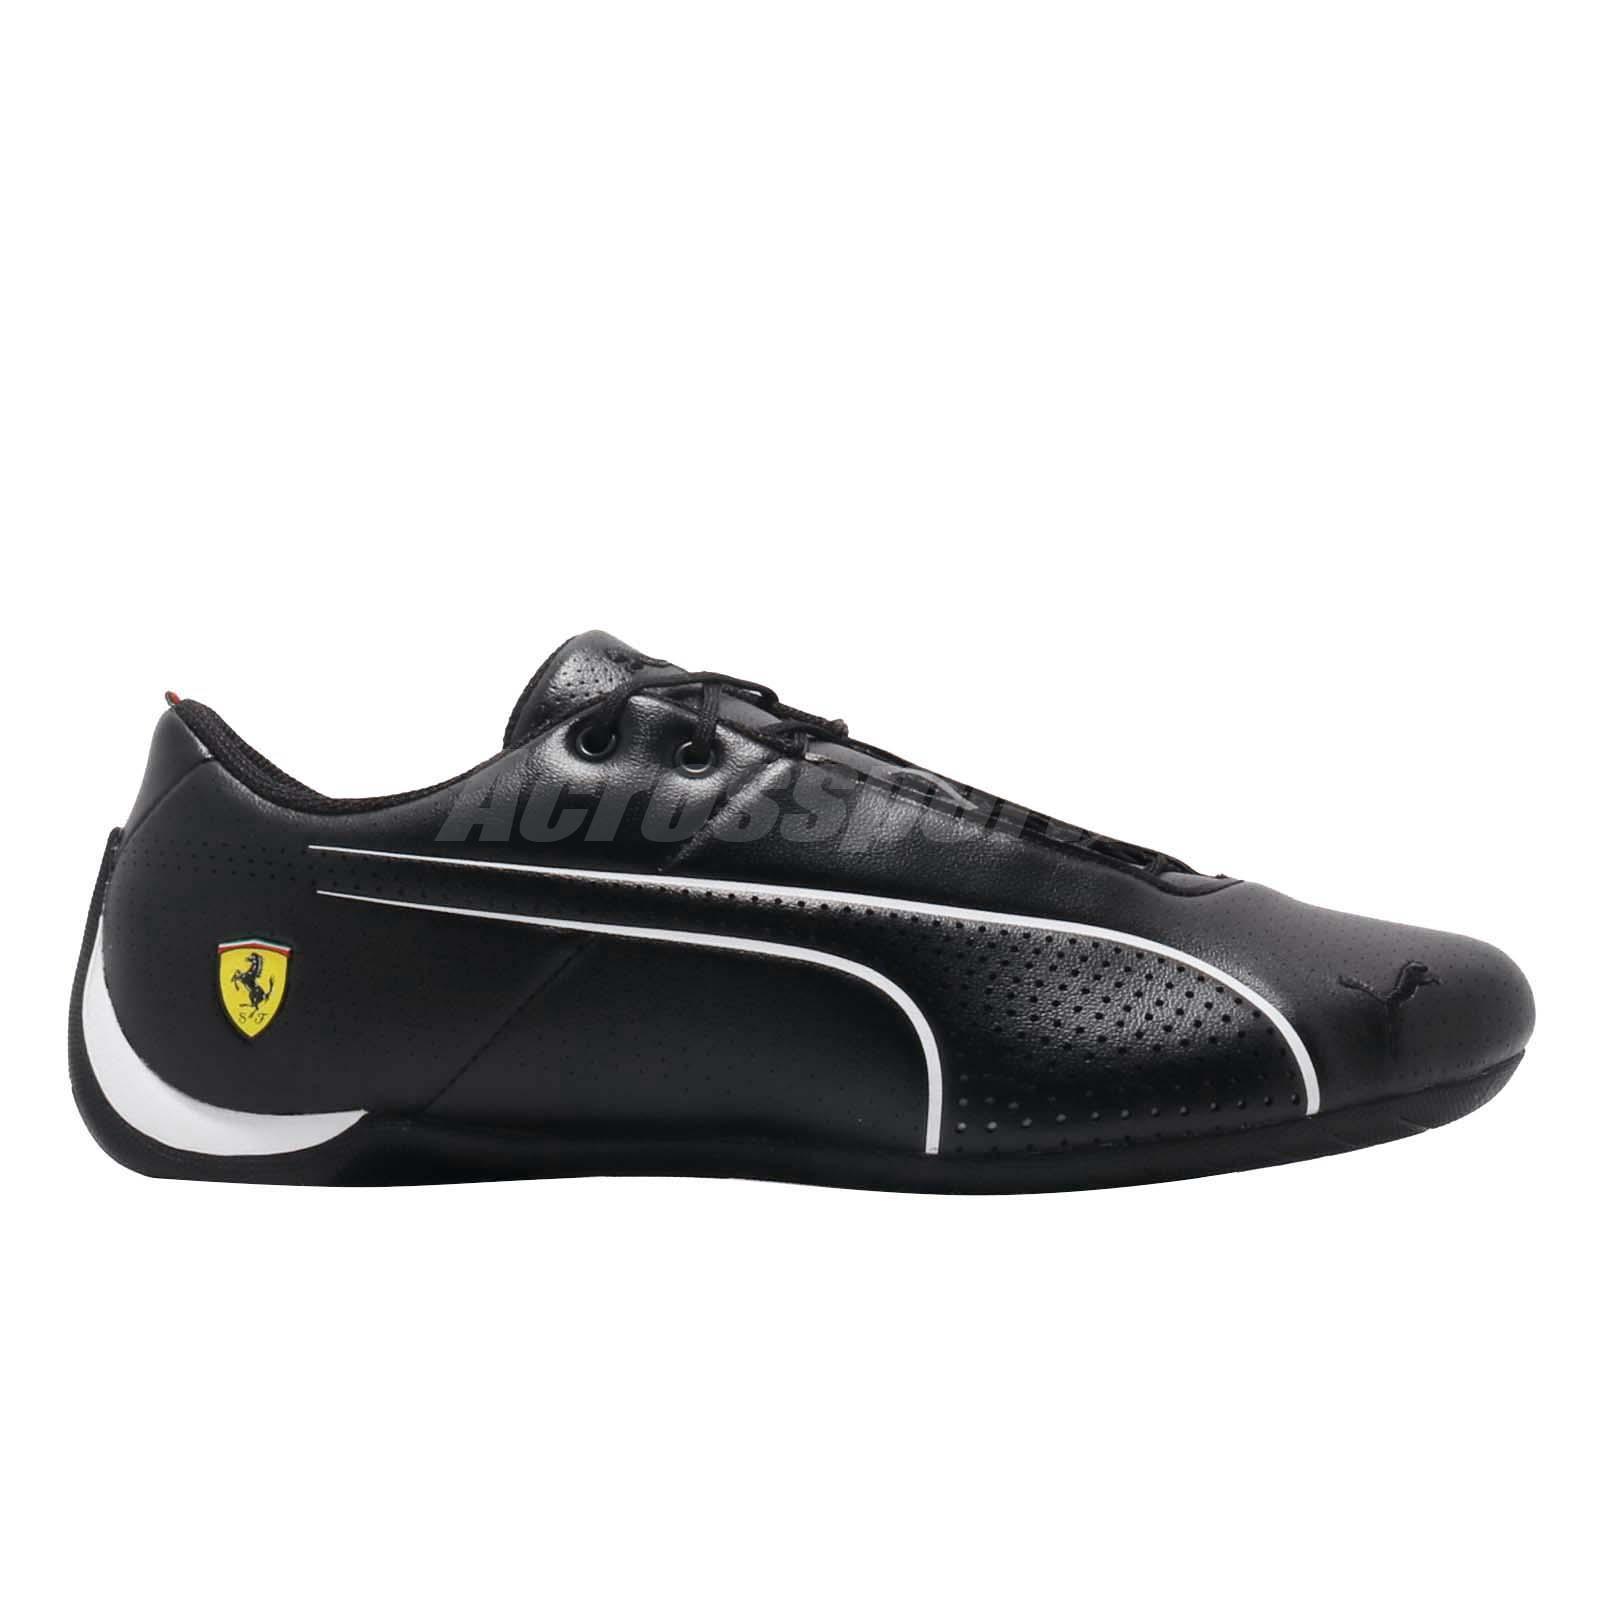 d319d488fa0ca9 Puma SF Future Cat Ultra Ferrari Black White Men Motorsport Shoes ...